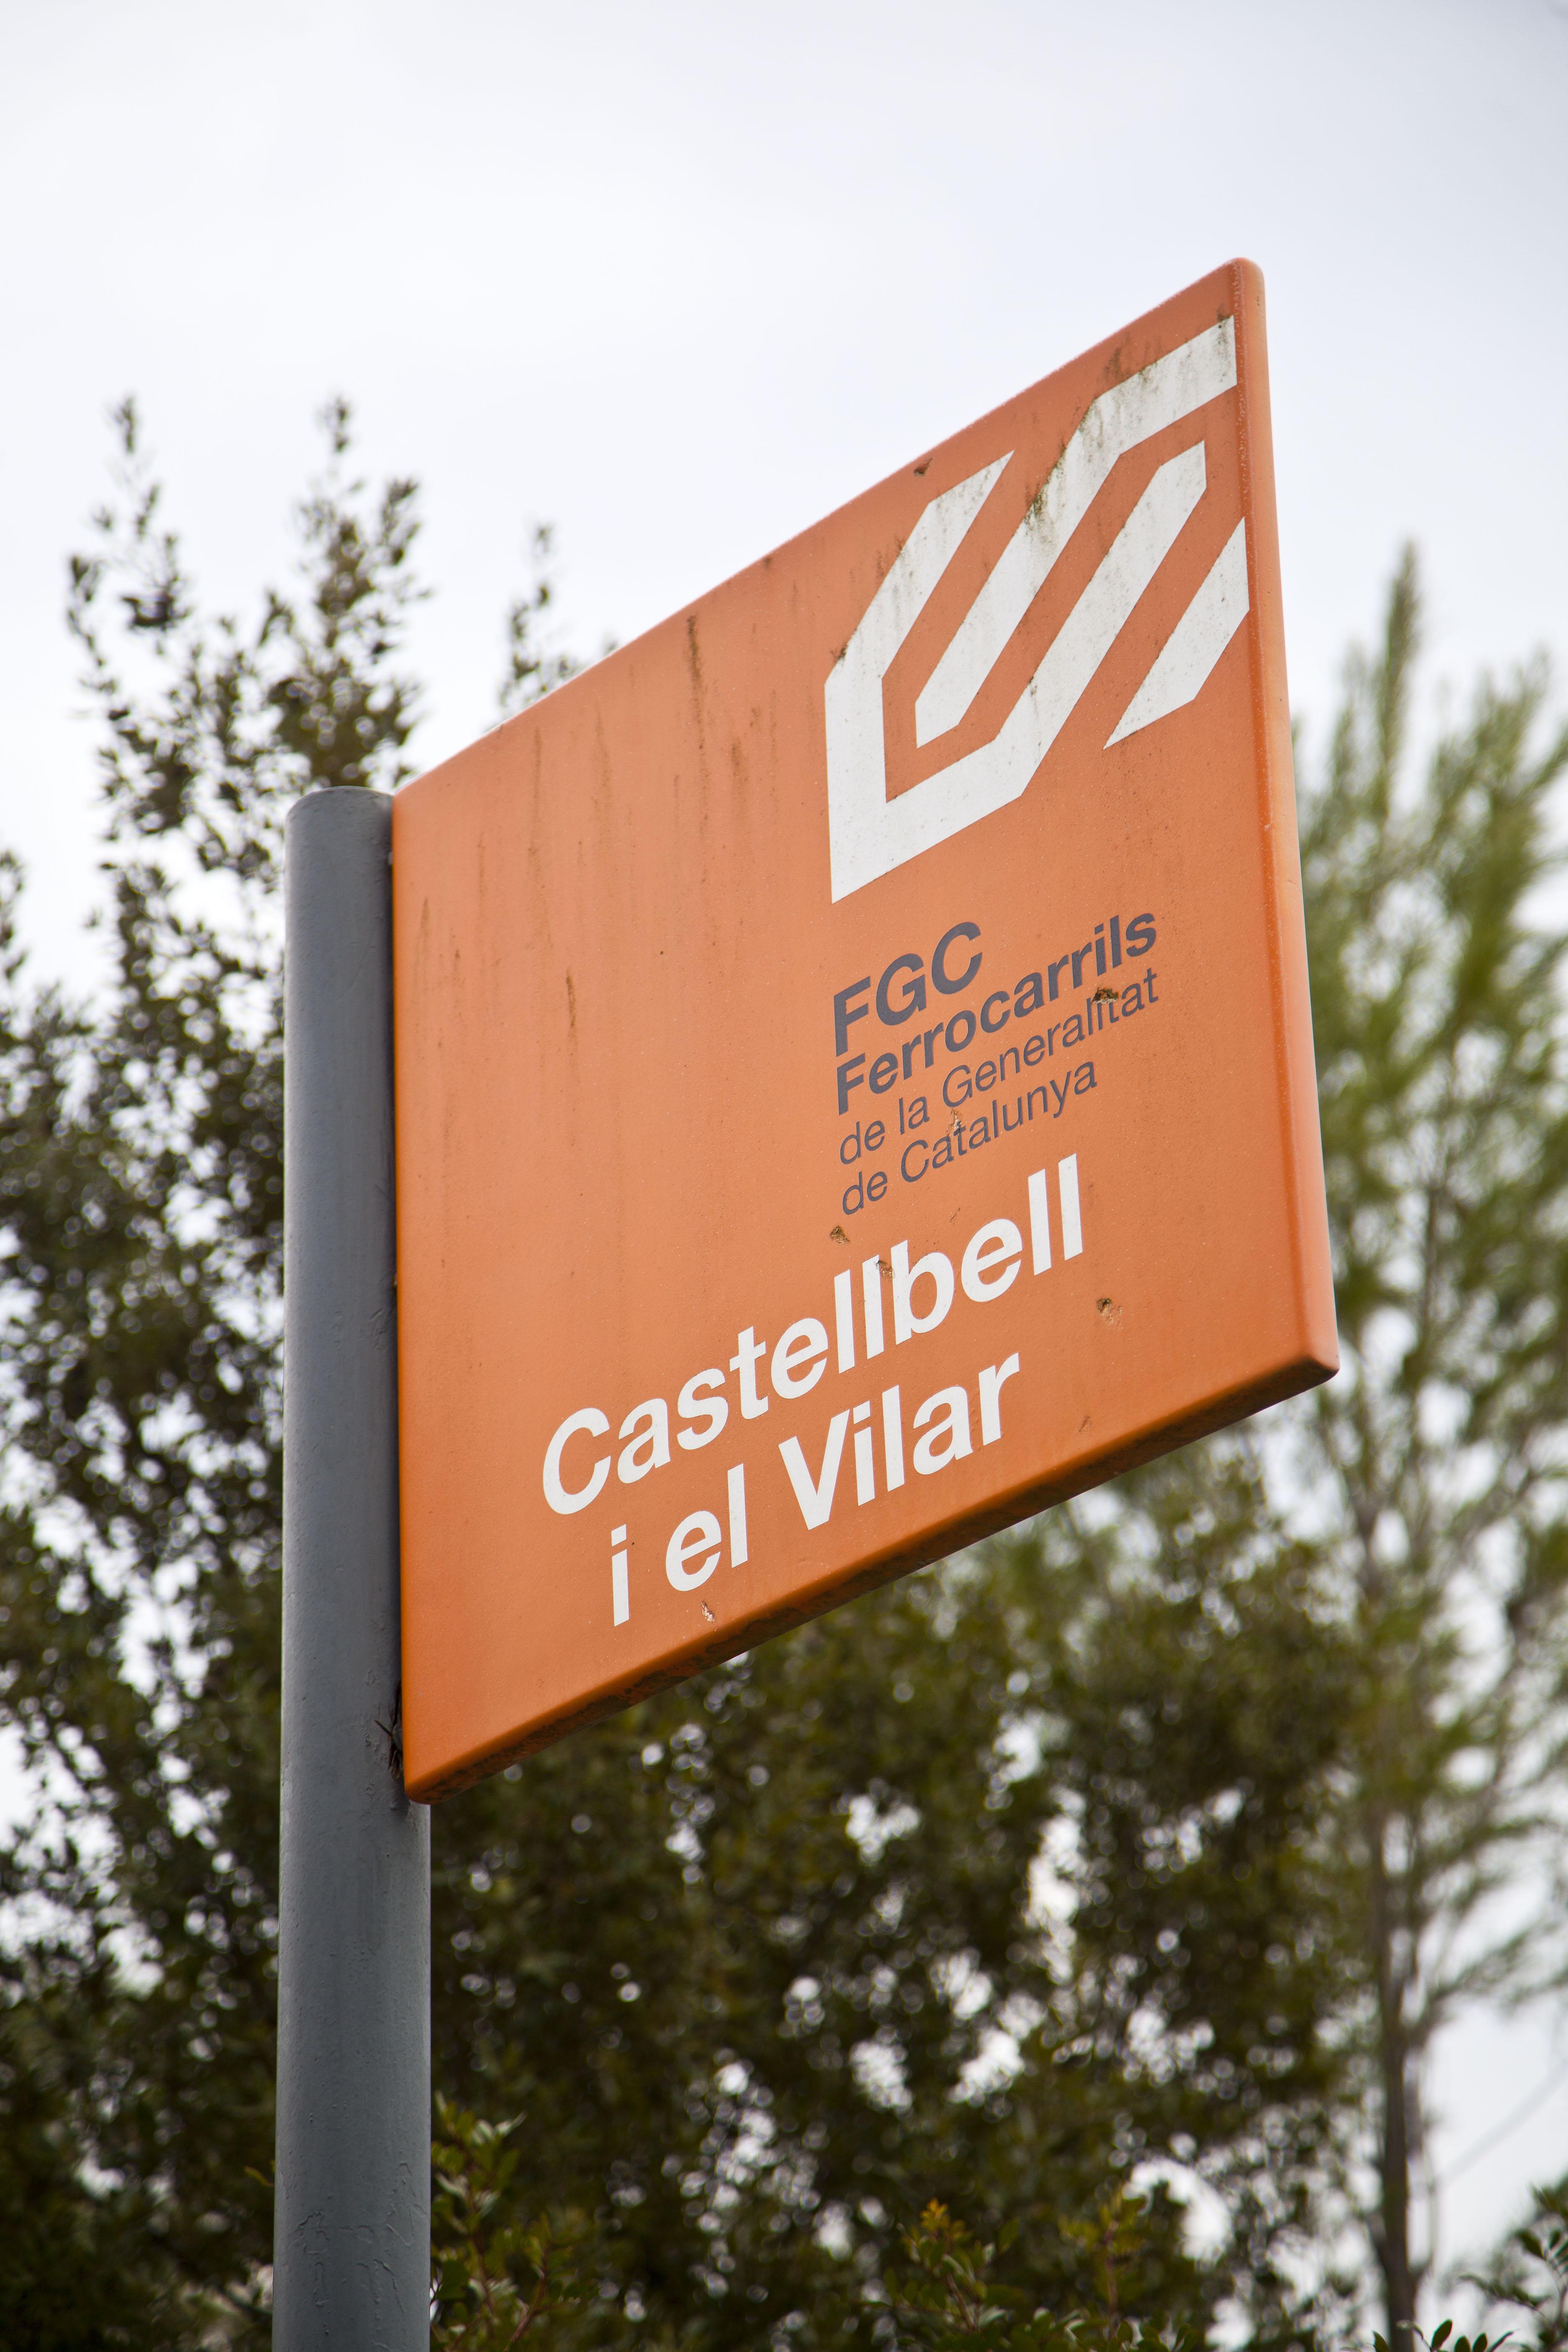 CASTELLBELL-VILAR-FGC